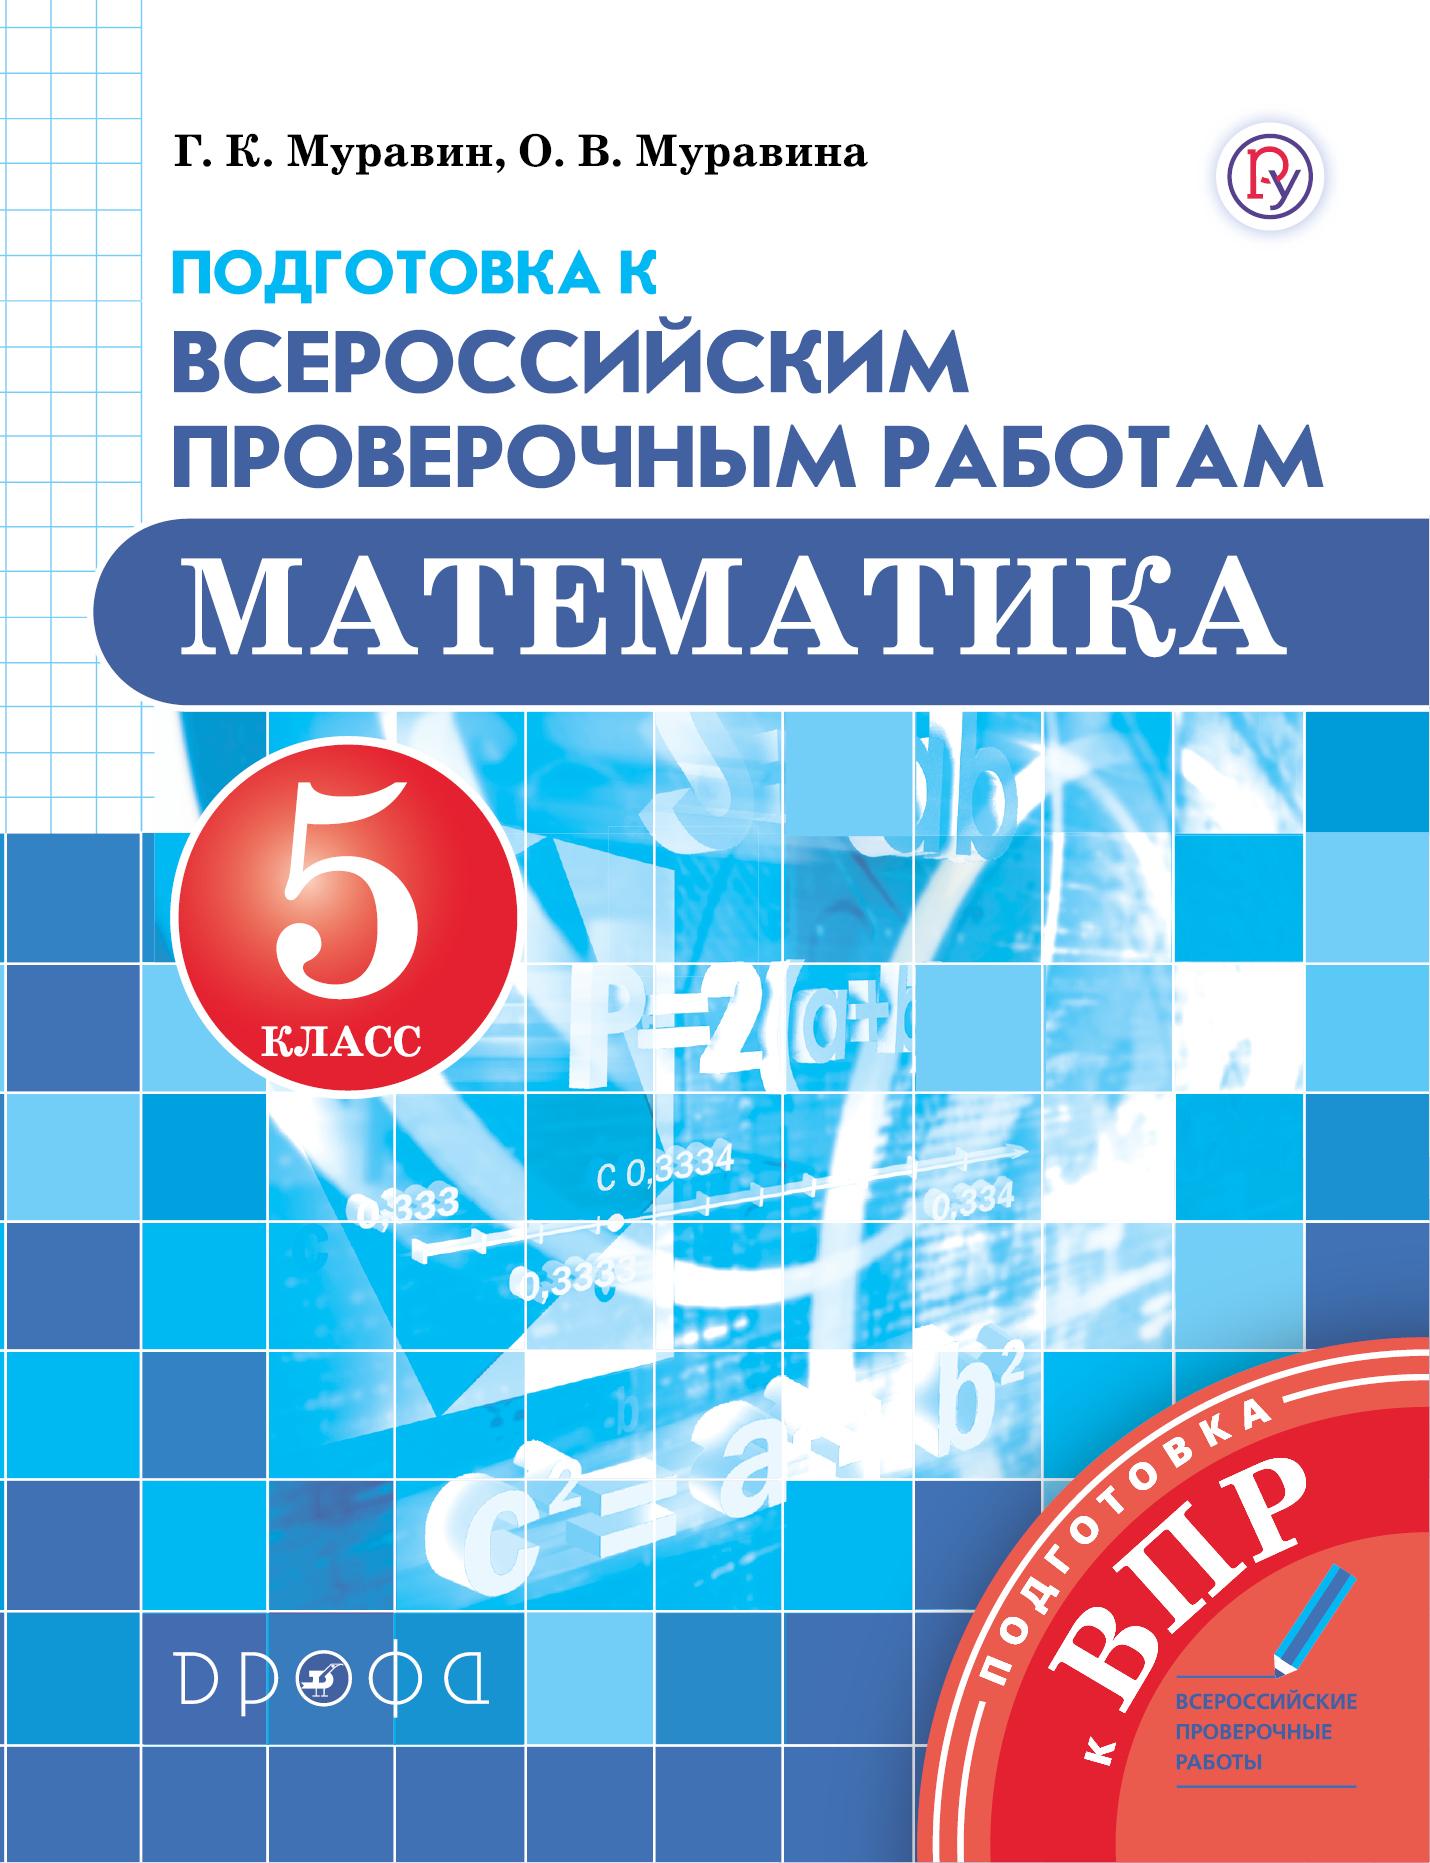 Муравин Г.К., Муравина О.В. Математика. 5 класс. Подготовка к Всероссийским проверочным работам. готовые домашние задания математика 5 11 класс